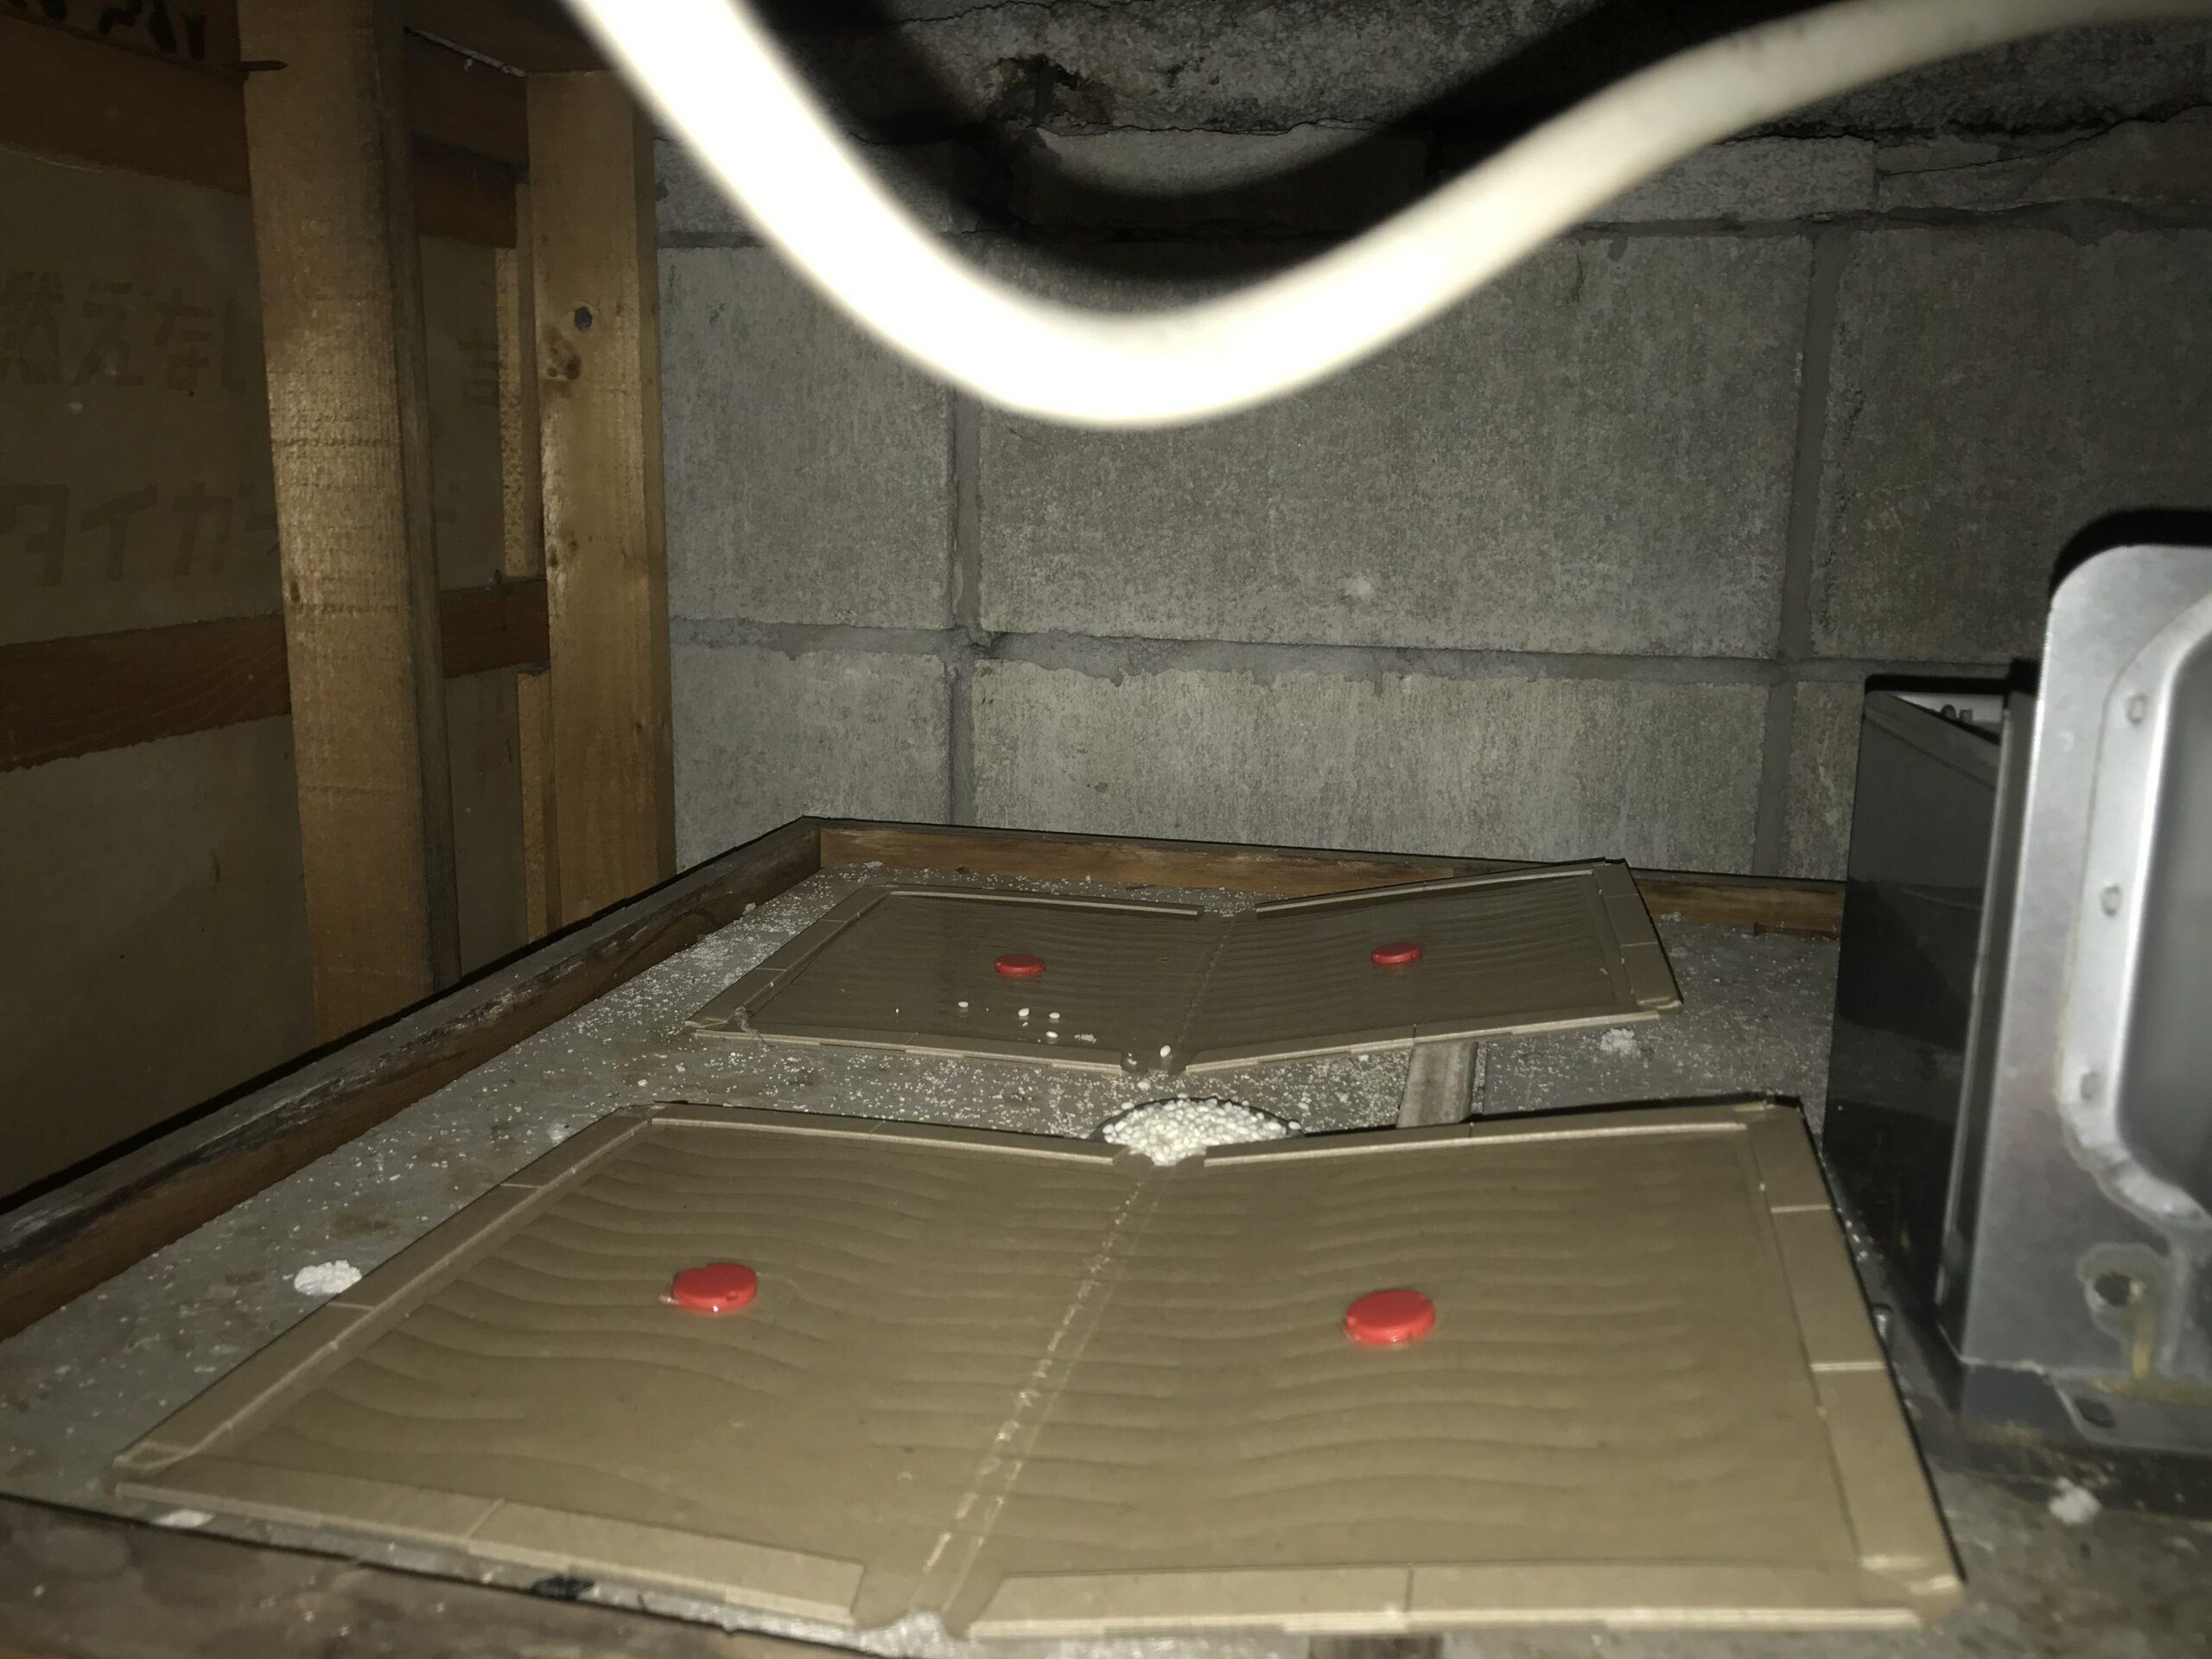 千葉県船橋市のK様のネズミ駆除:施工後